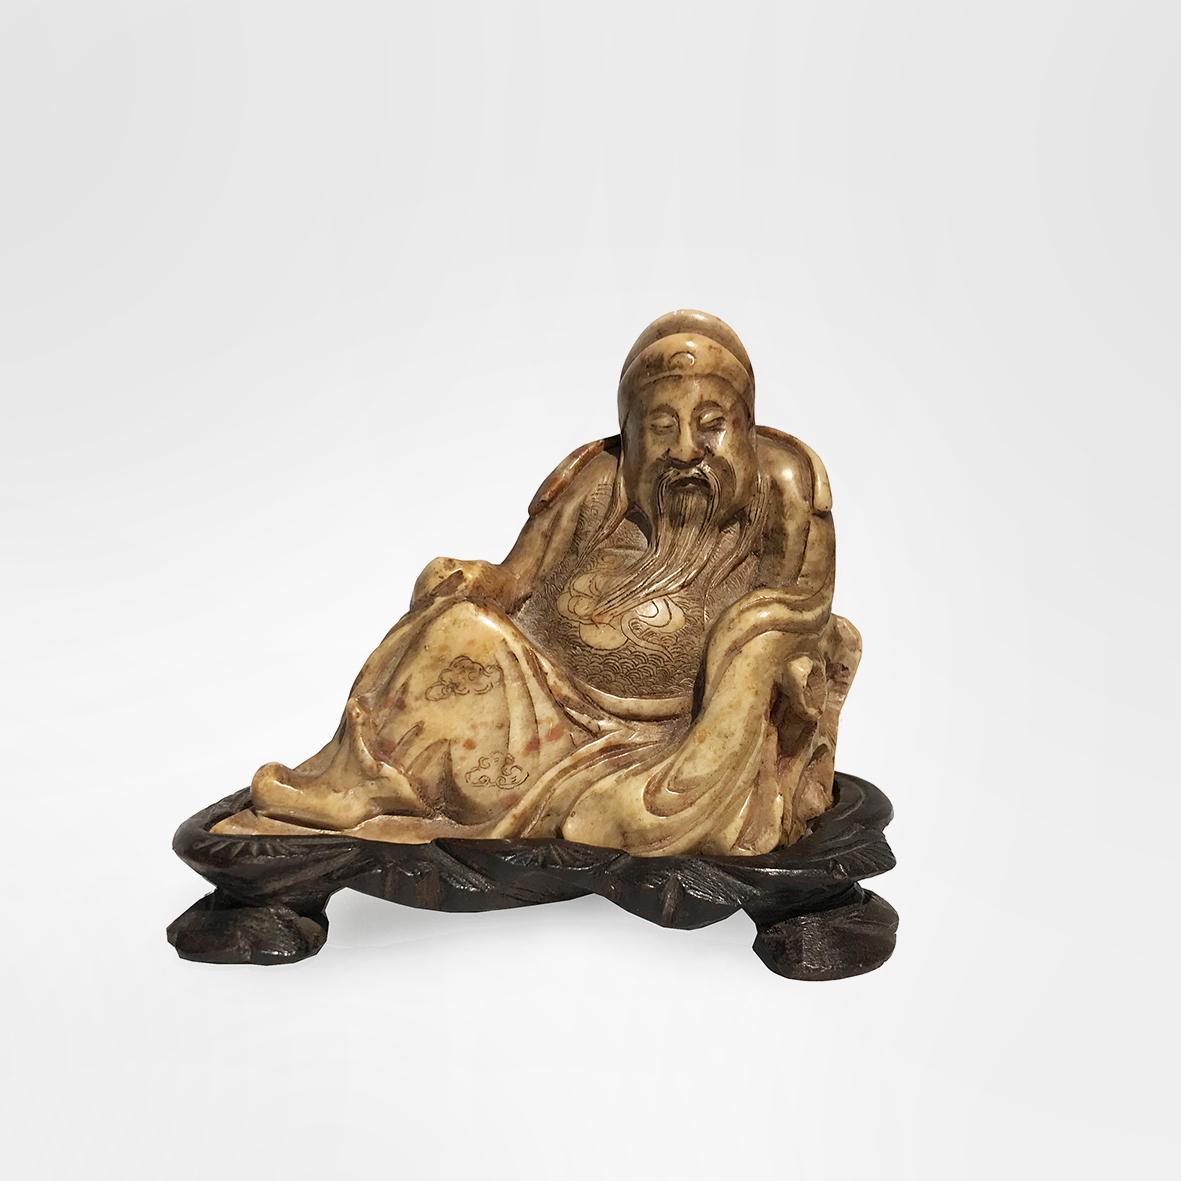 Zhongli Quan | Stone | China | Qing Dynasty | basedonart gallery